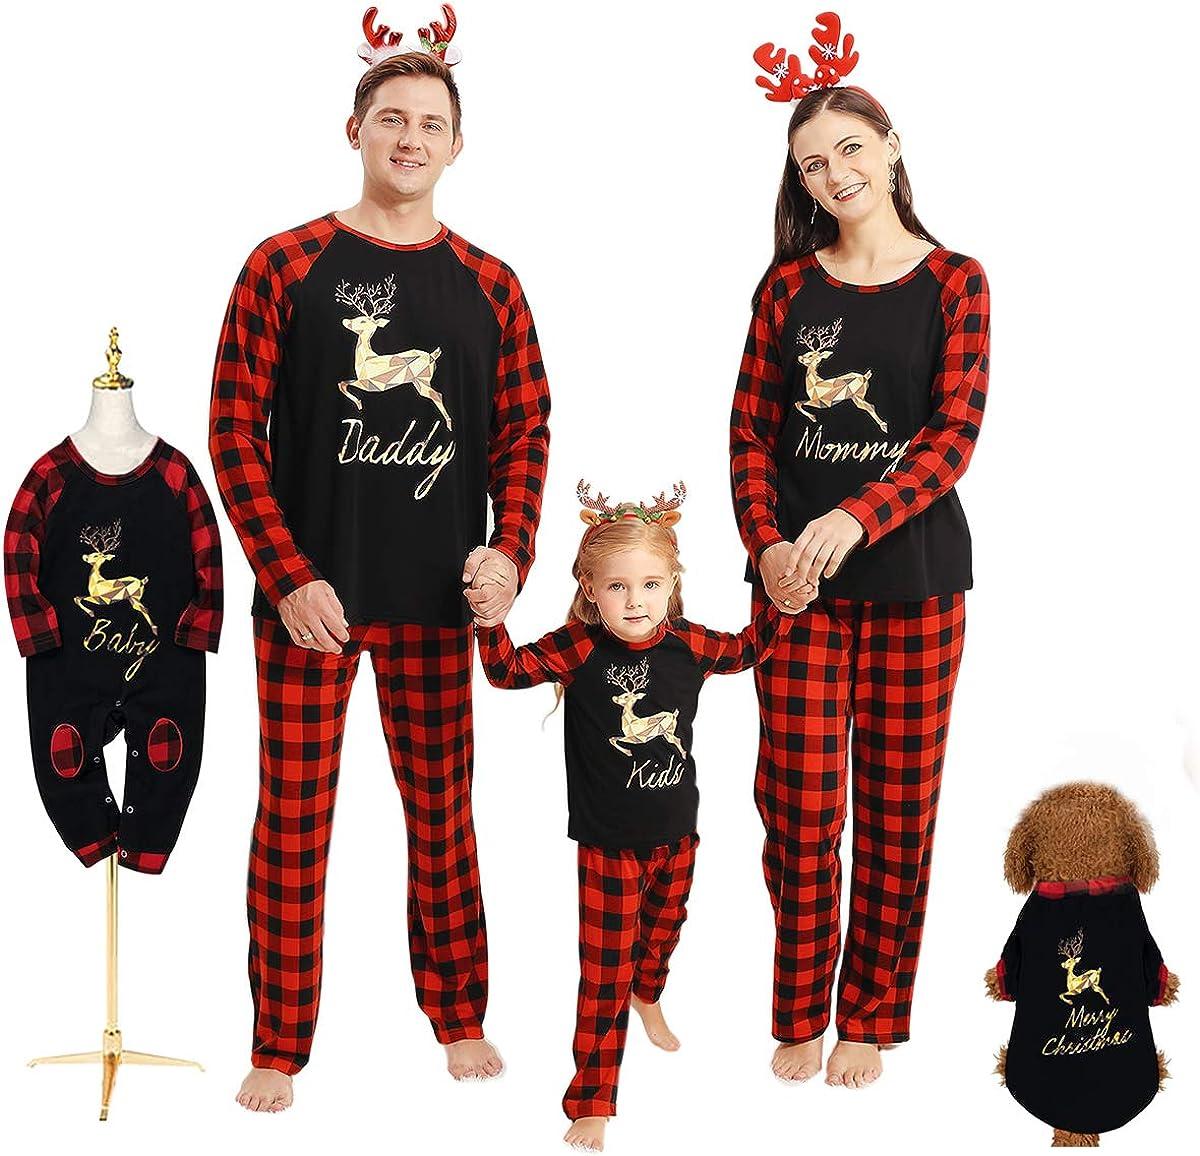 Borlai Familienweihnachtspyjama-Set Passend zu Weihnachten Plaid Pjs Nachtw/äsche f/ür M/änner Frauen Kinder Kinder Baby Haustiere